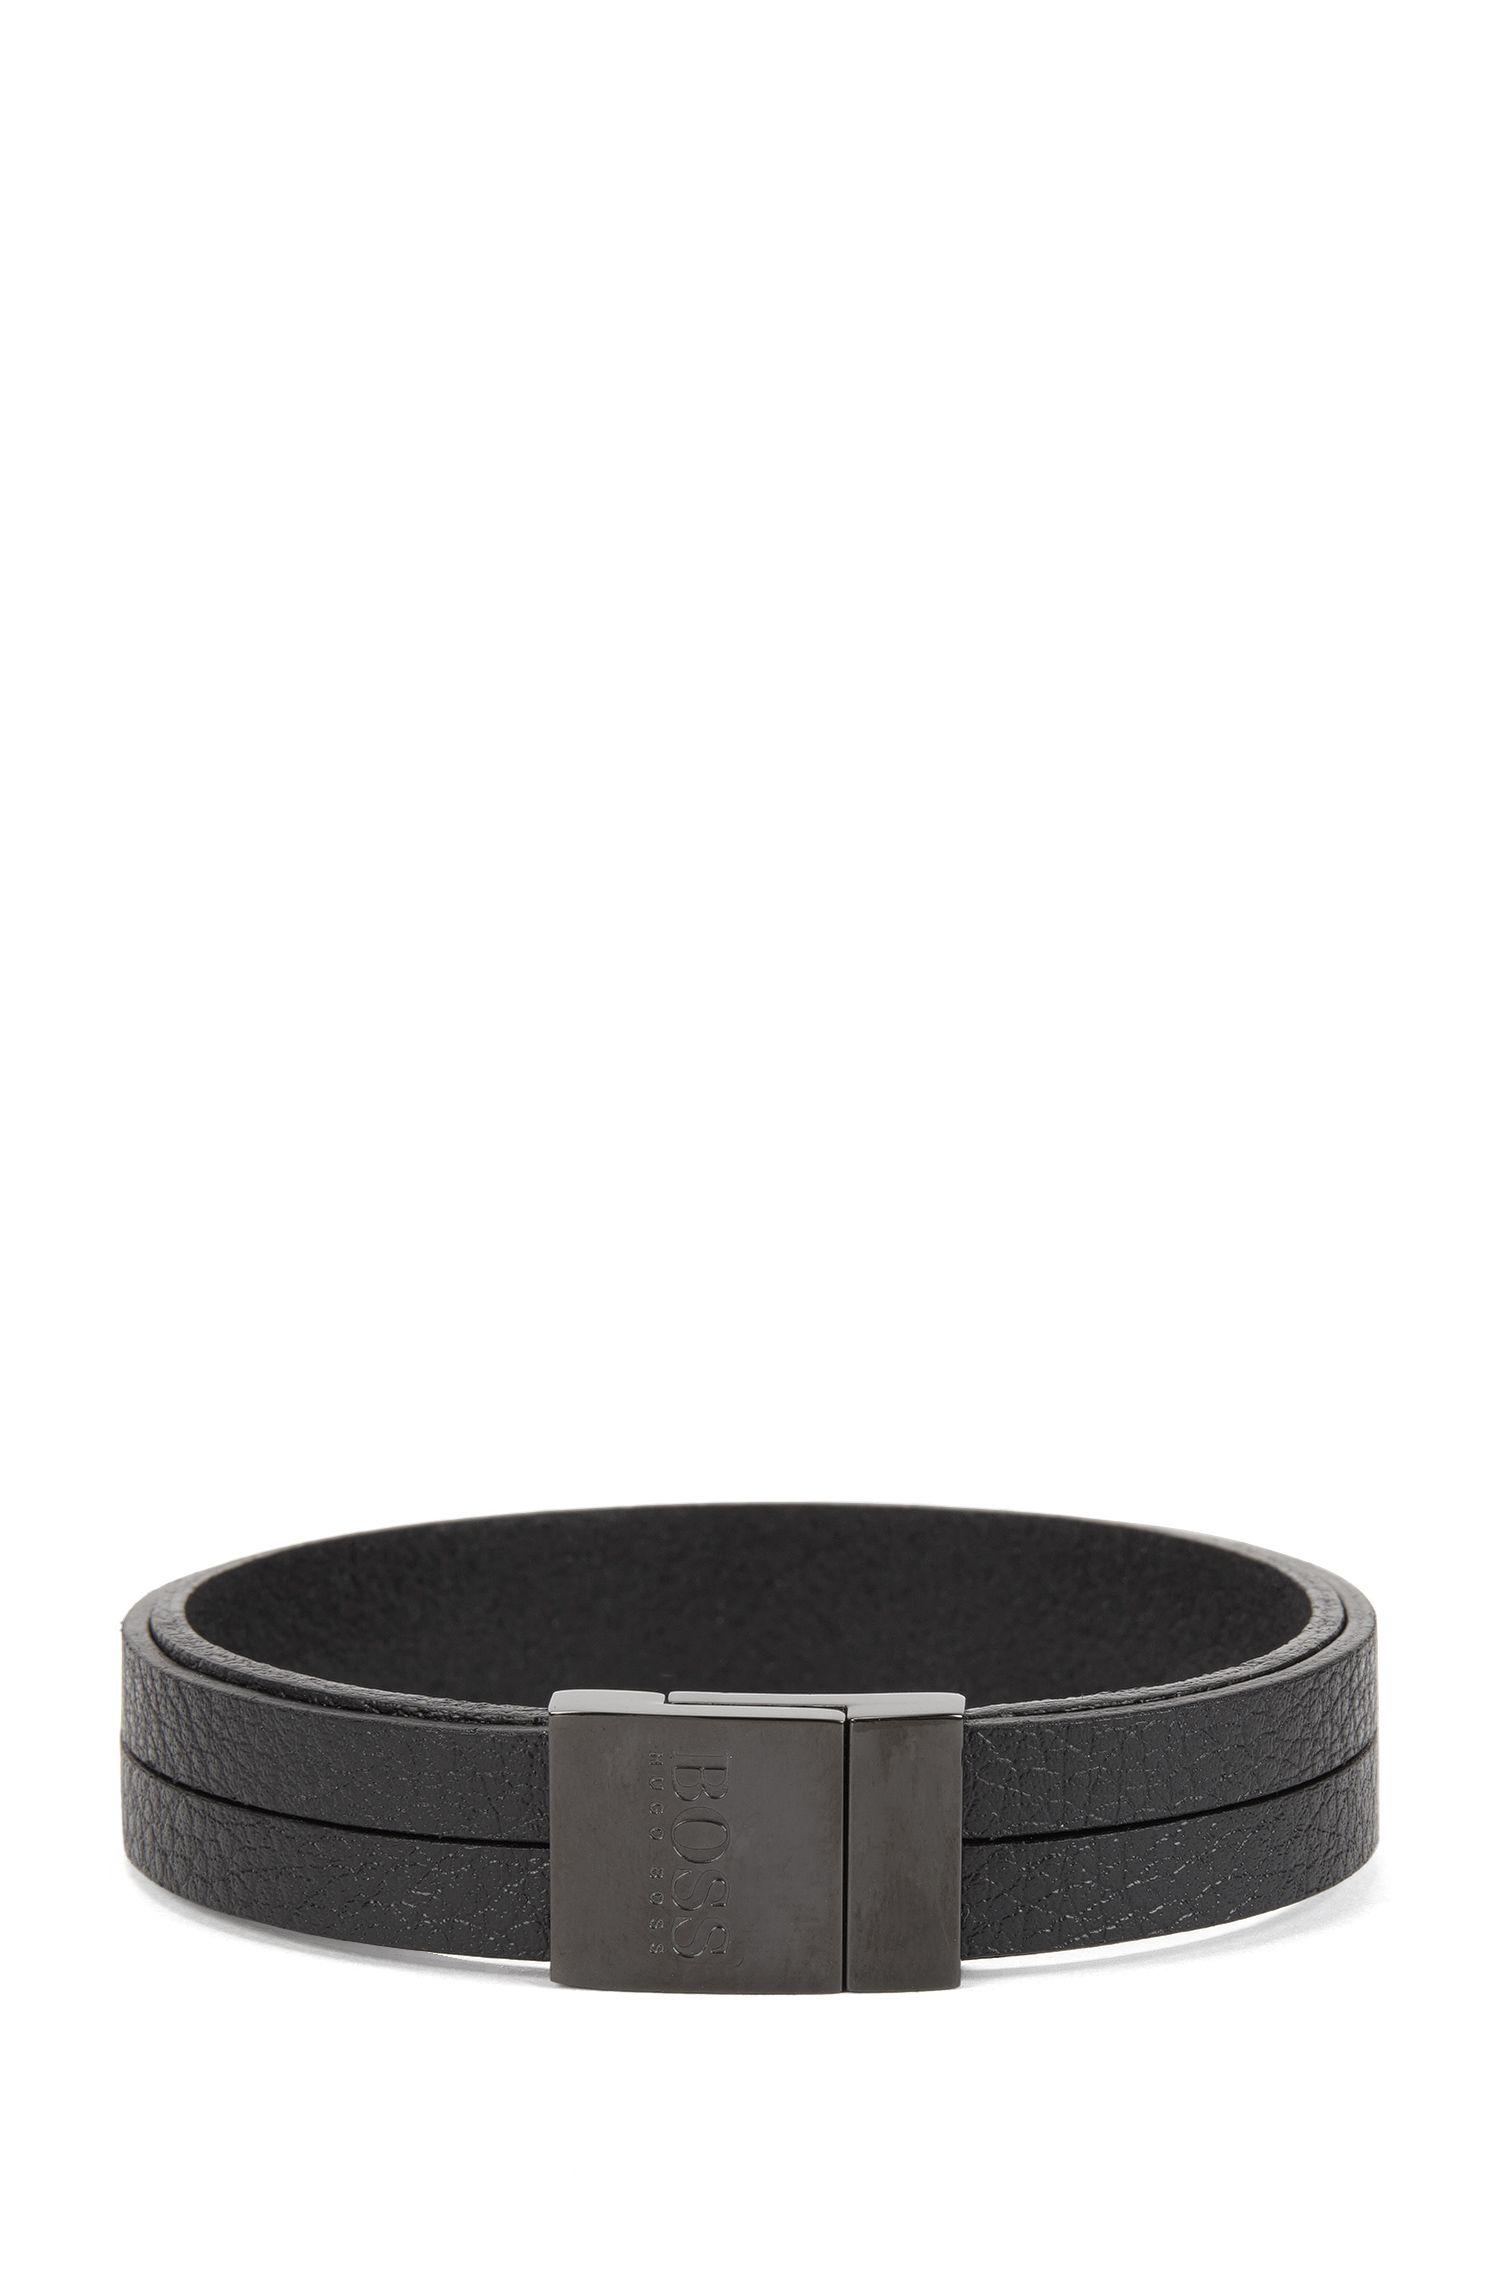 'Bastiano' | Braided Leather Bracelet